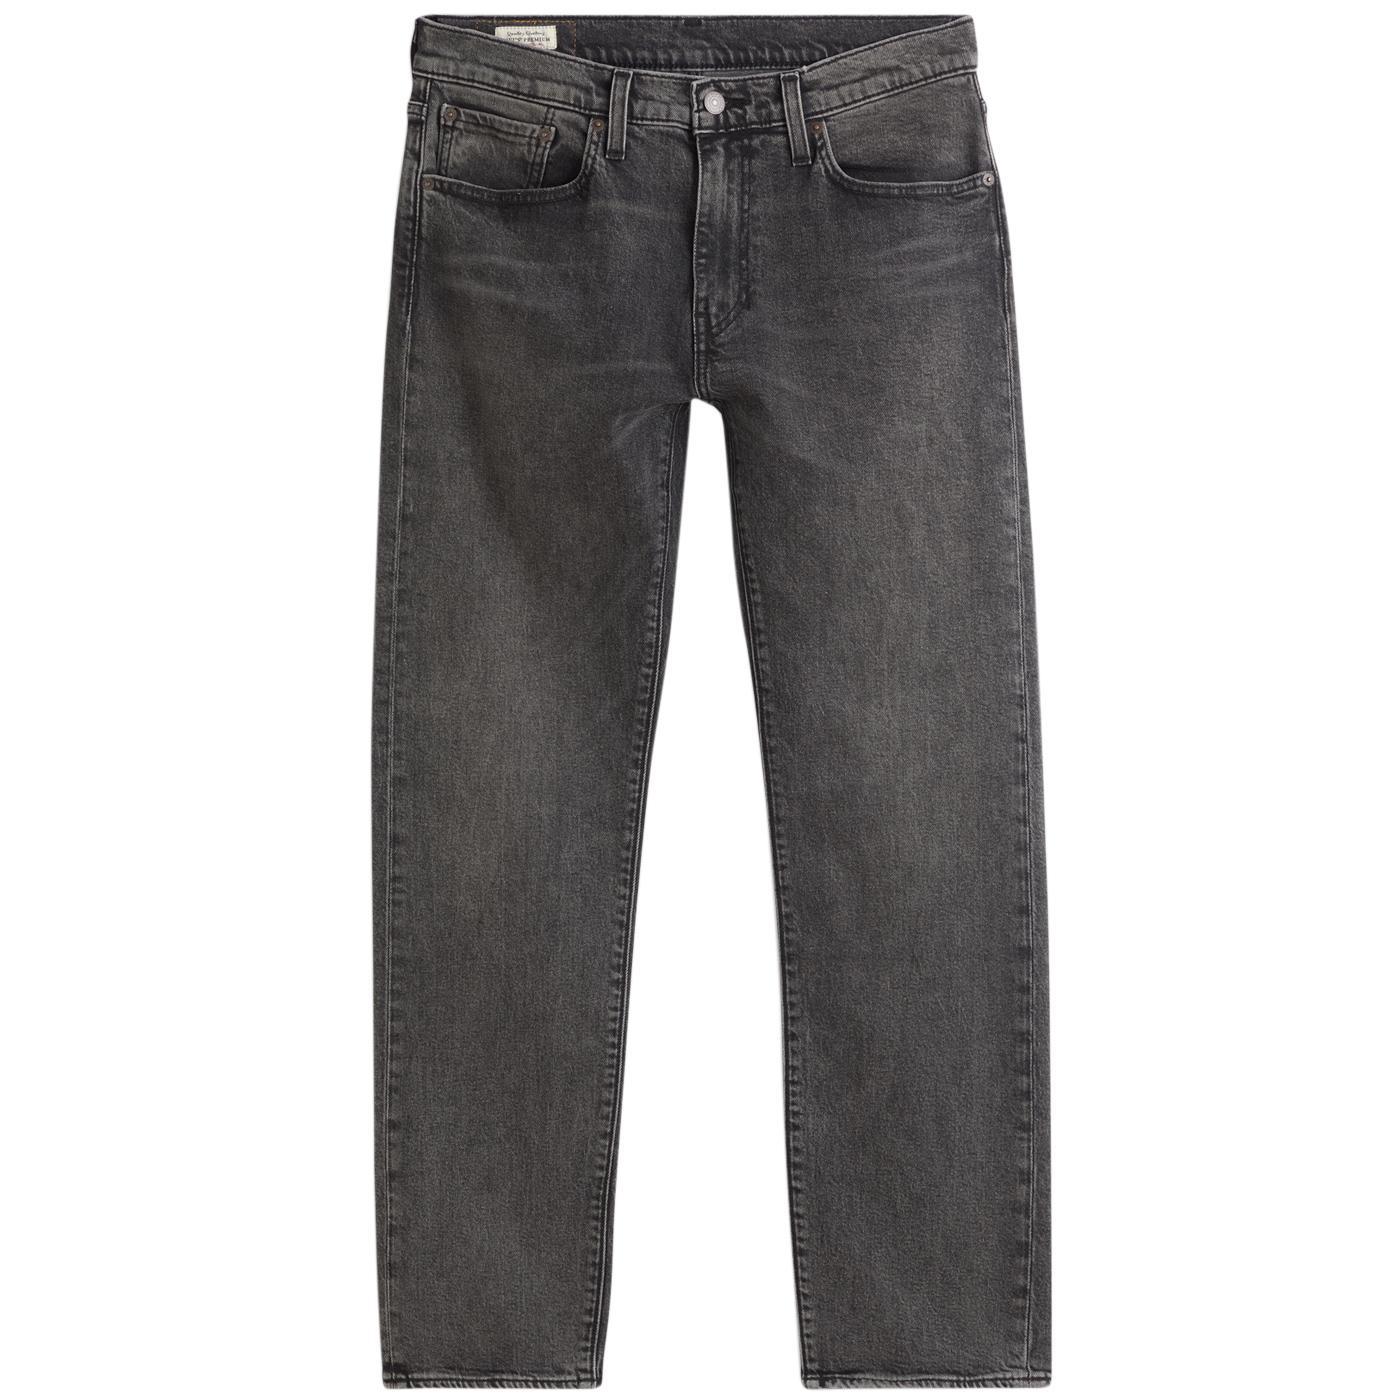 LEVI'S 502 Taper Retro Jeans (Illusion Gray Adv)